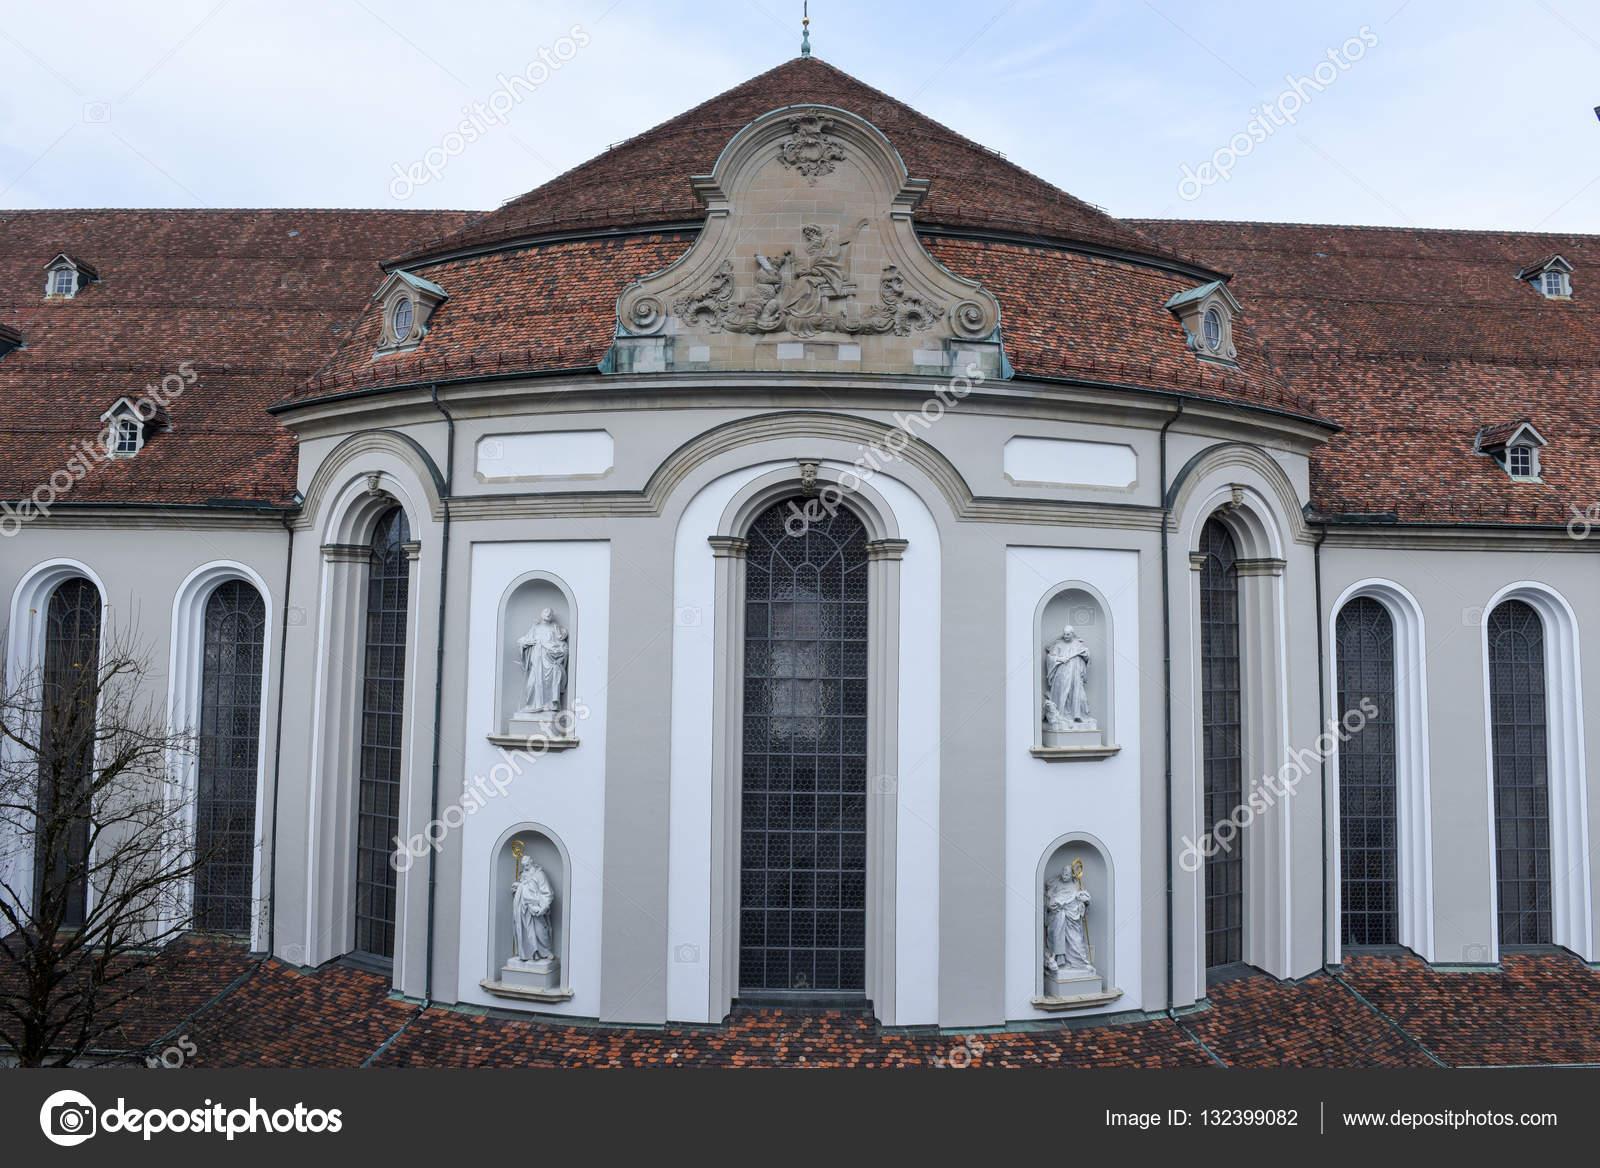 ザンクト・ガレン修道院の画像 p1_22